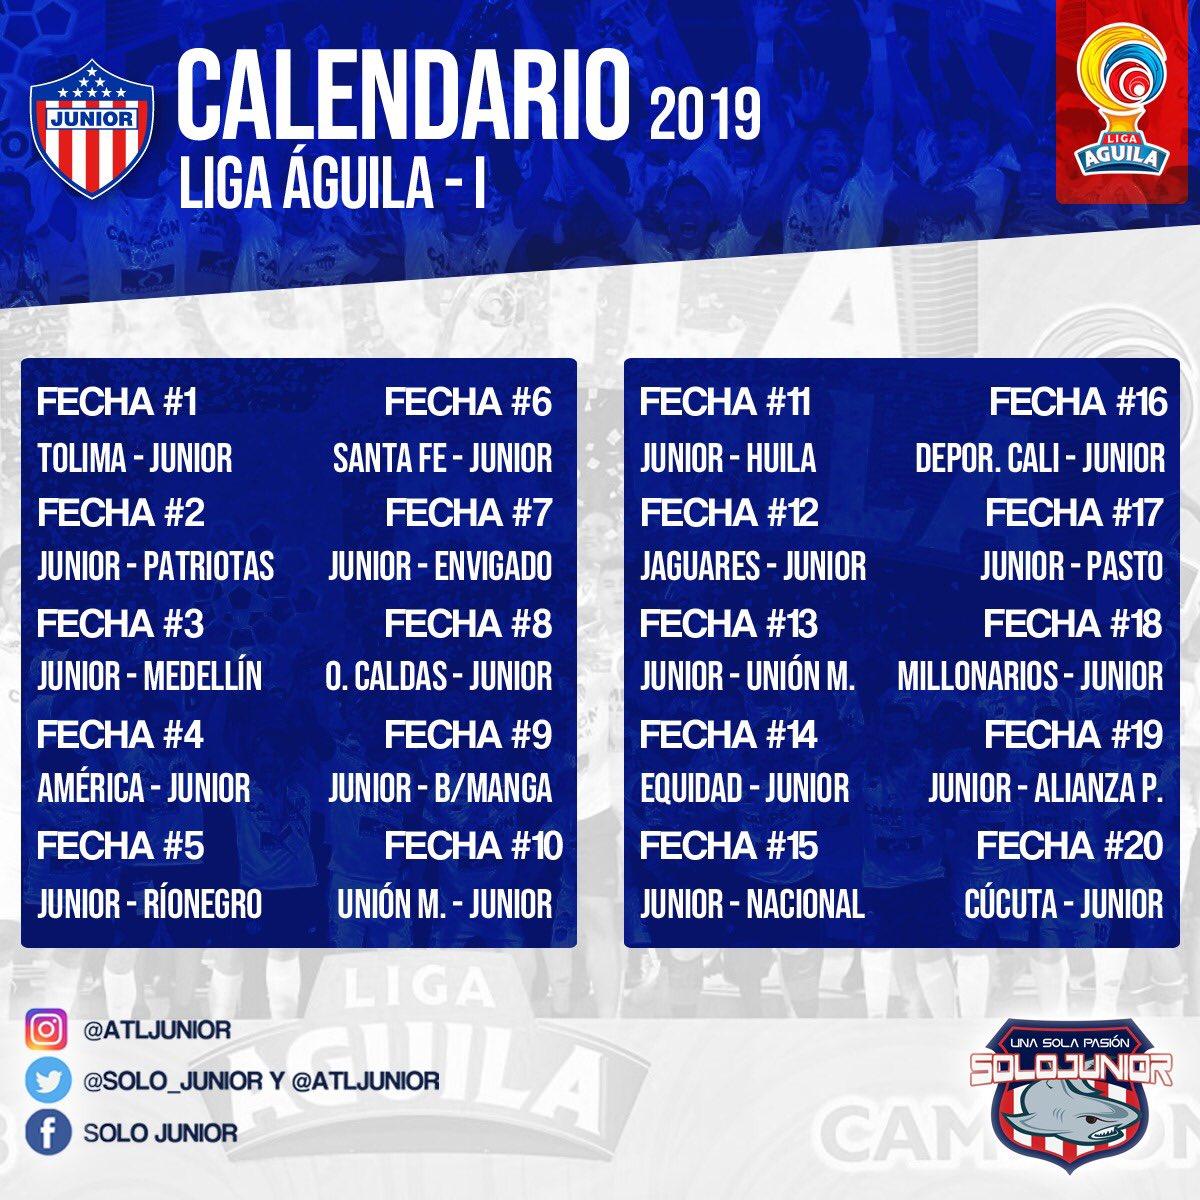 Calendario M.Calendario Junior Liga 2019 I Tweet Added By